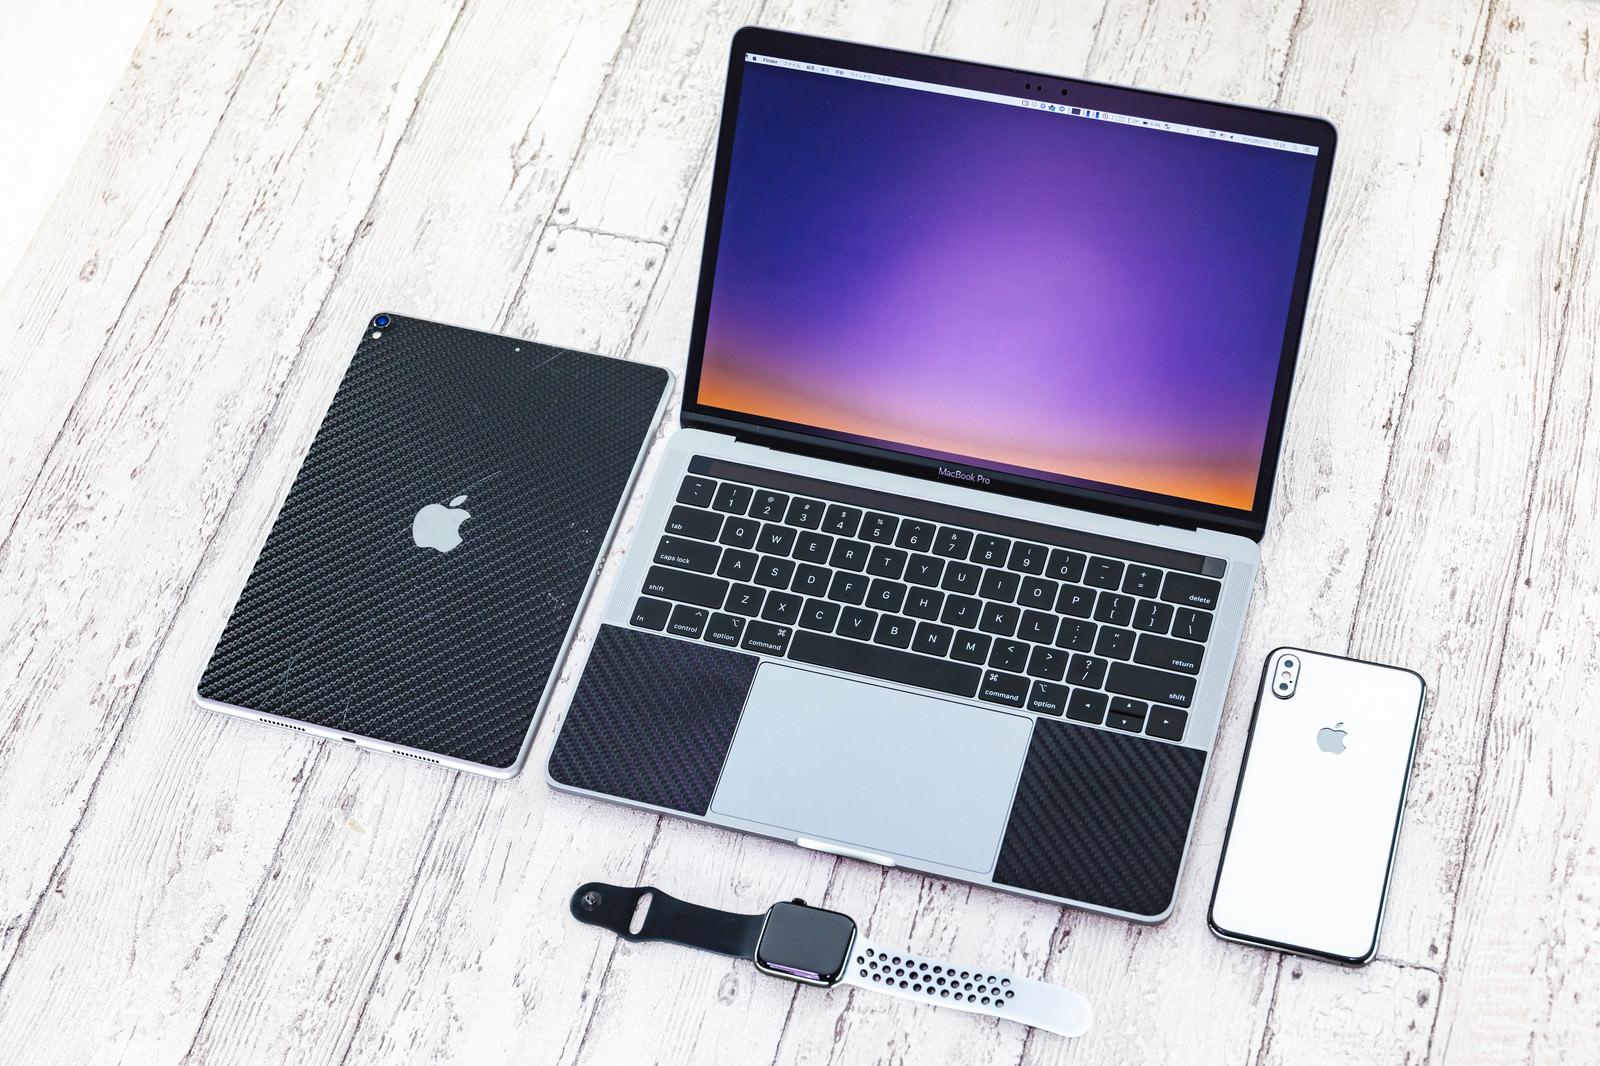 「白を貴重とした床に並べられたApple製品」の写真